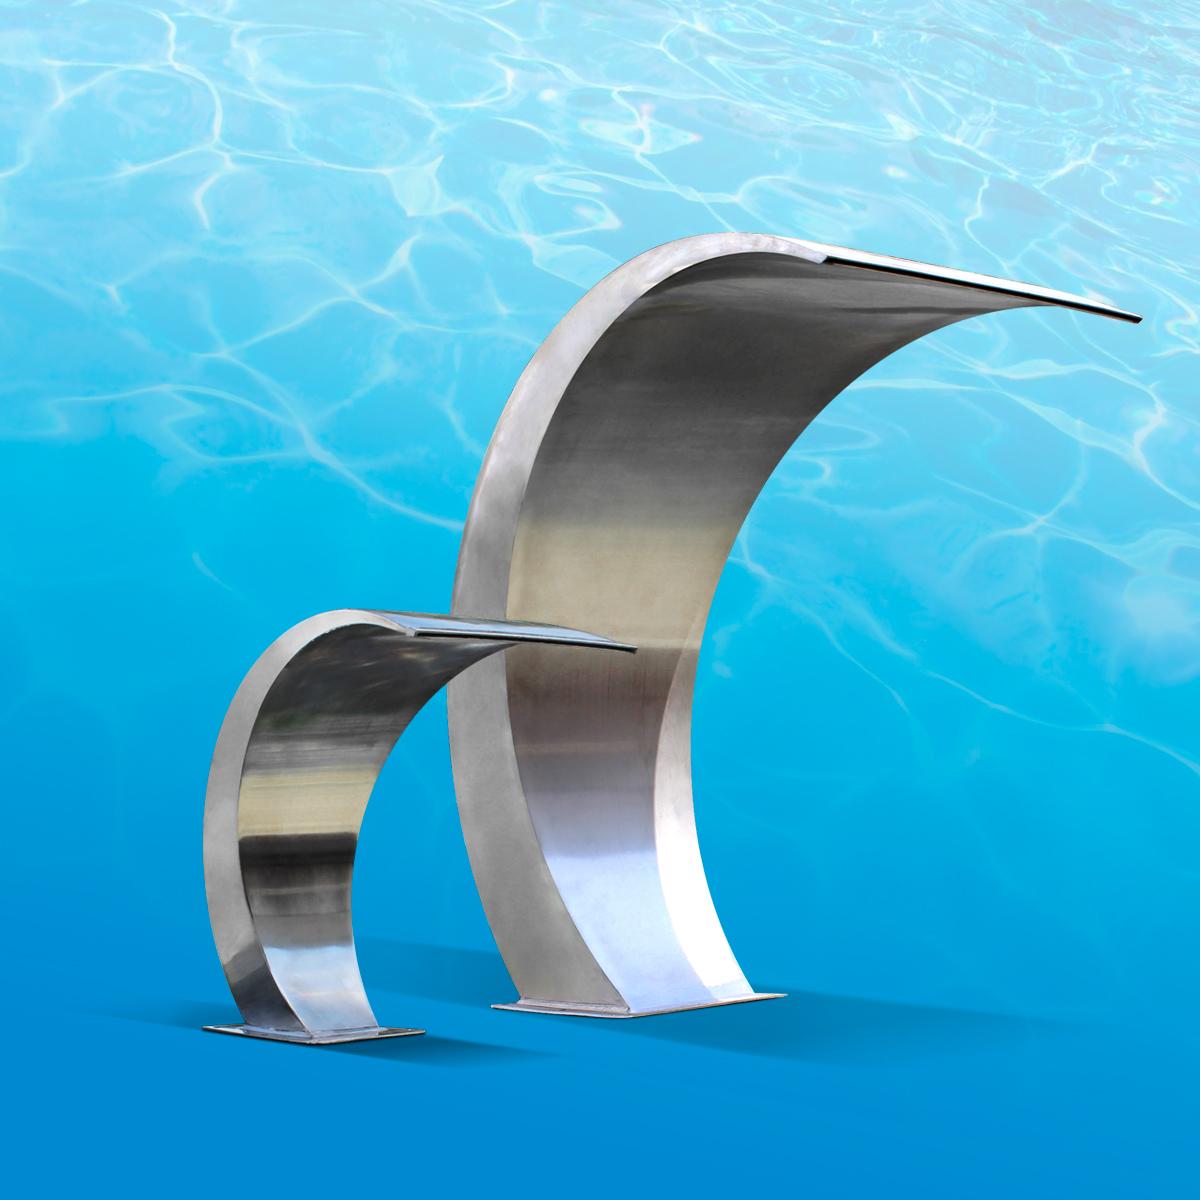 Accesorios de decoraci n y confort para piscinas o piletas for Accesorios para piscinas cascadas